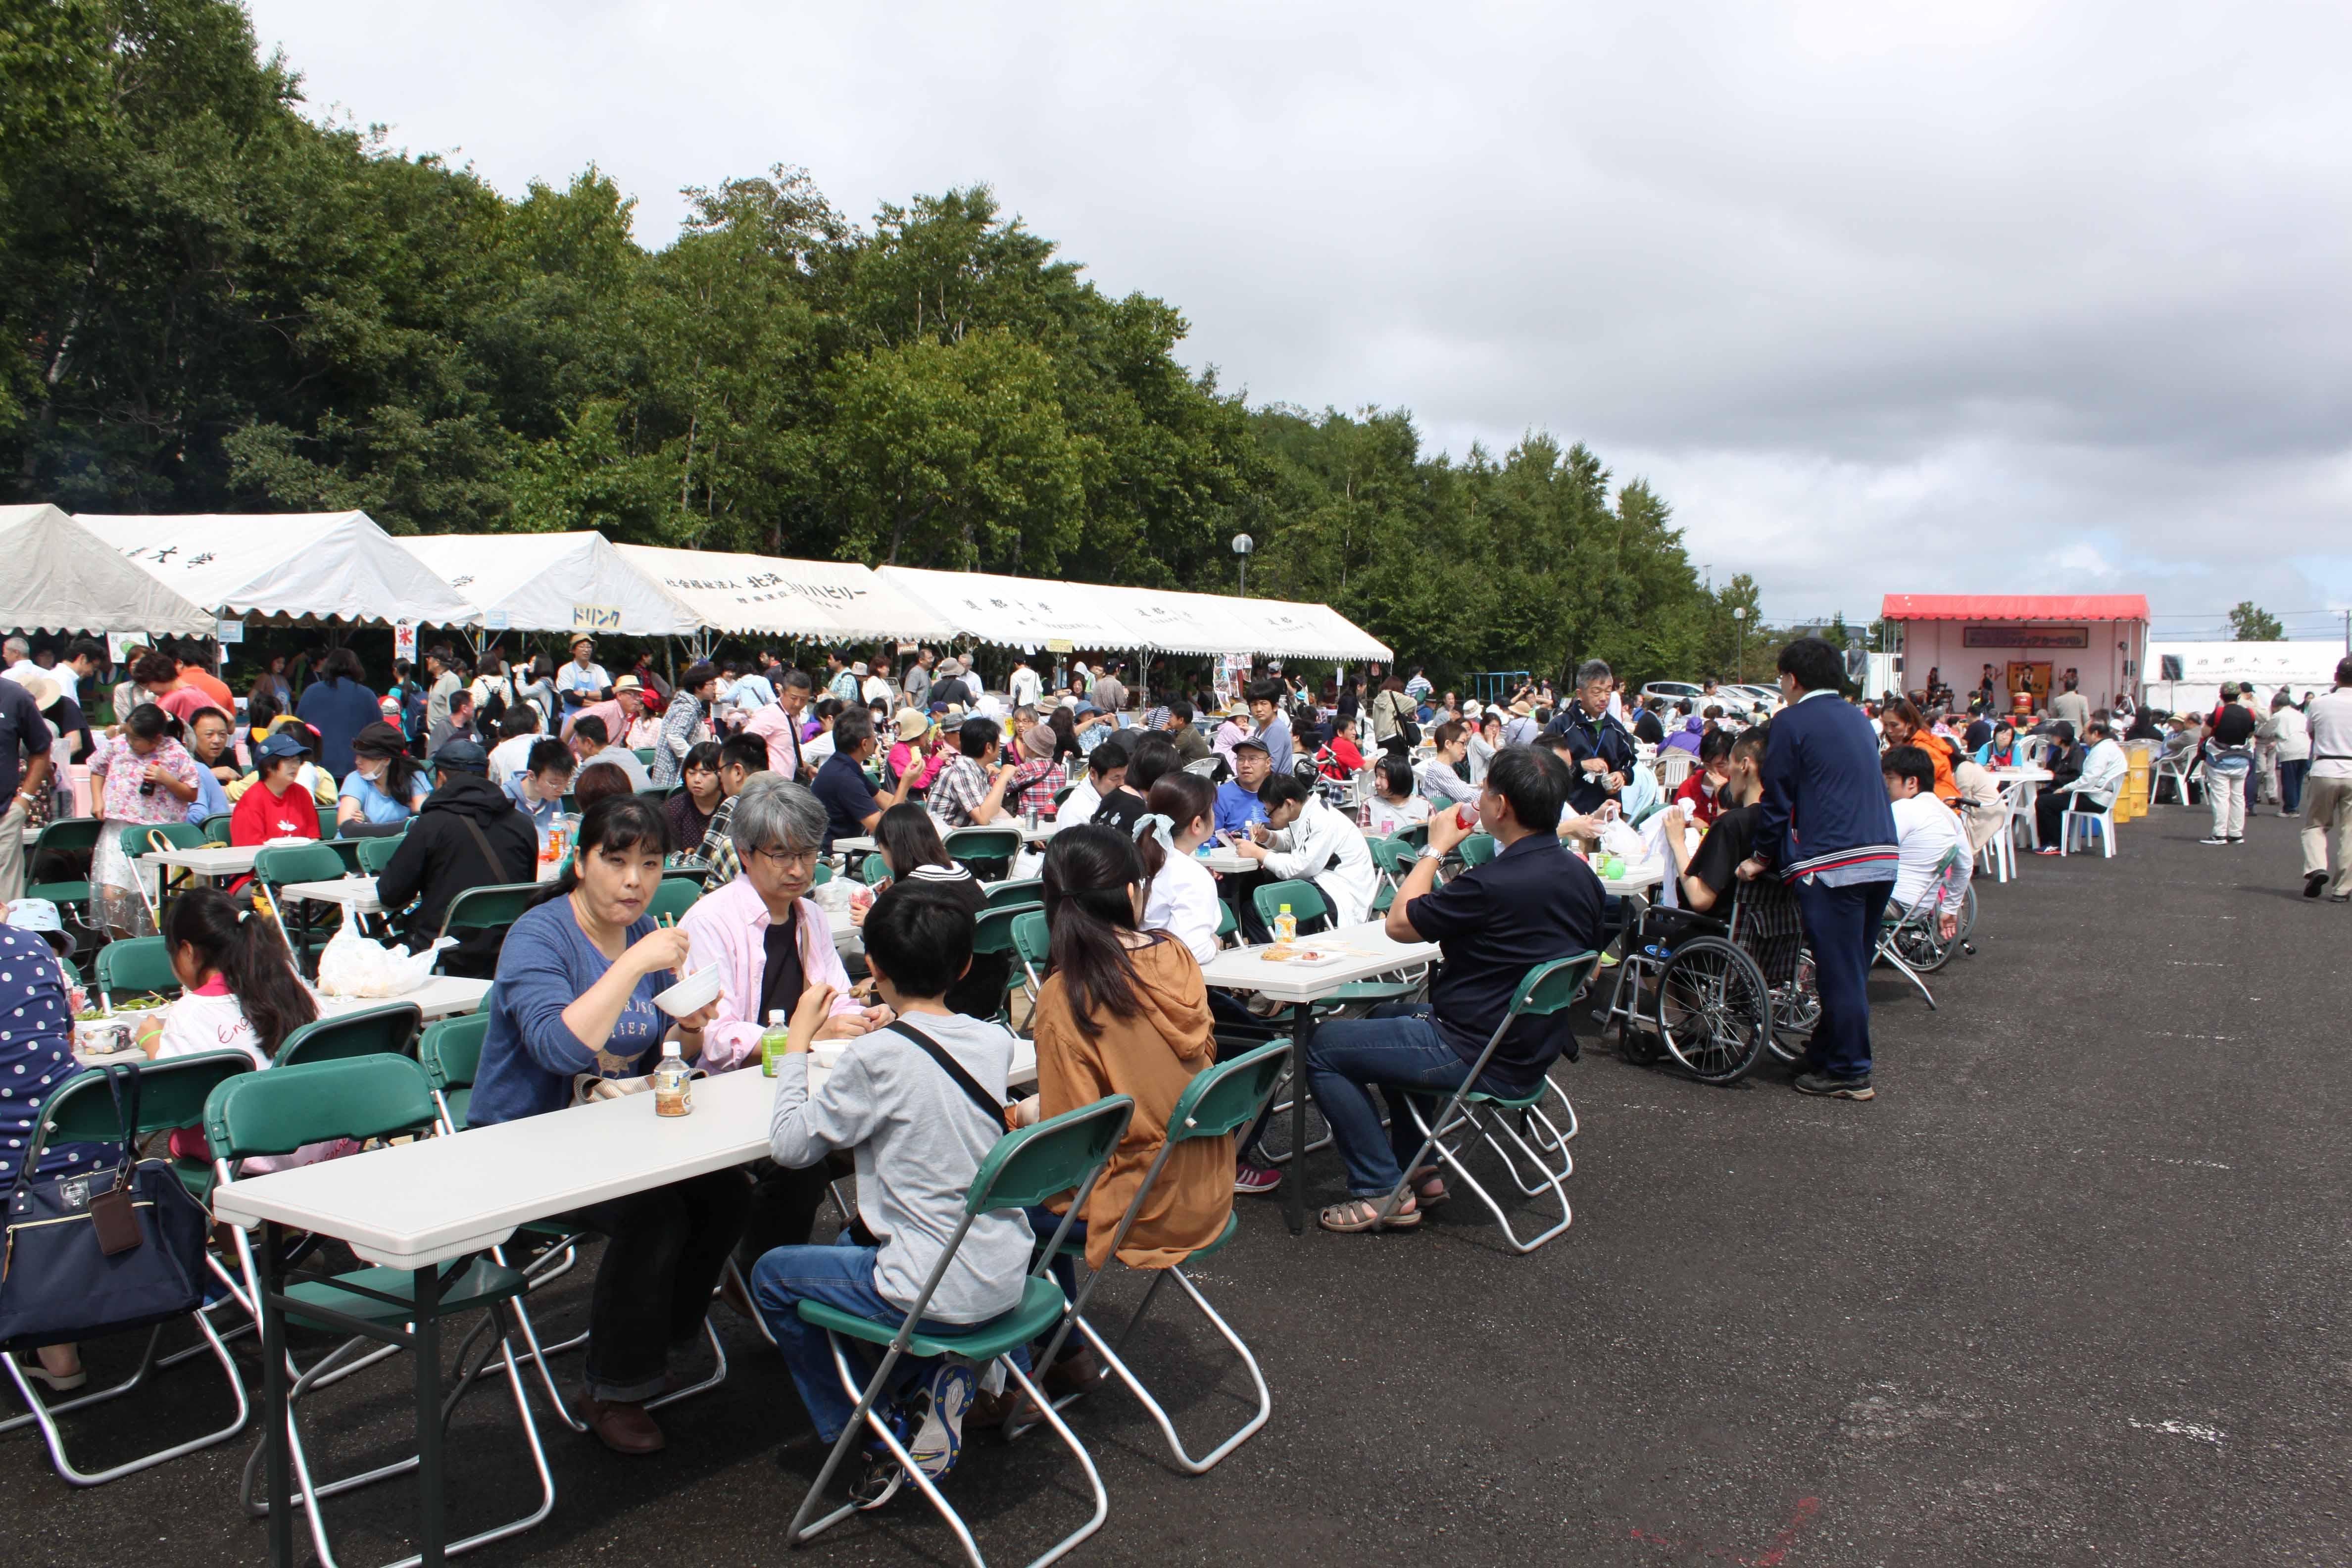 2019年度 第46回ボランティアカーニバル 開催!!